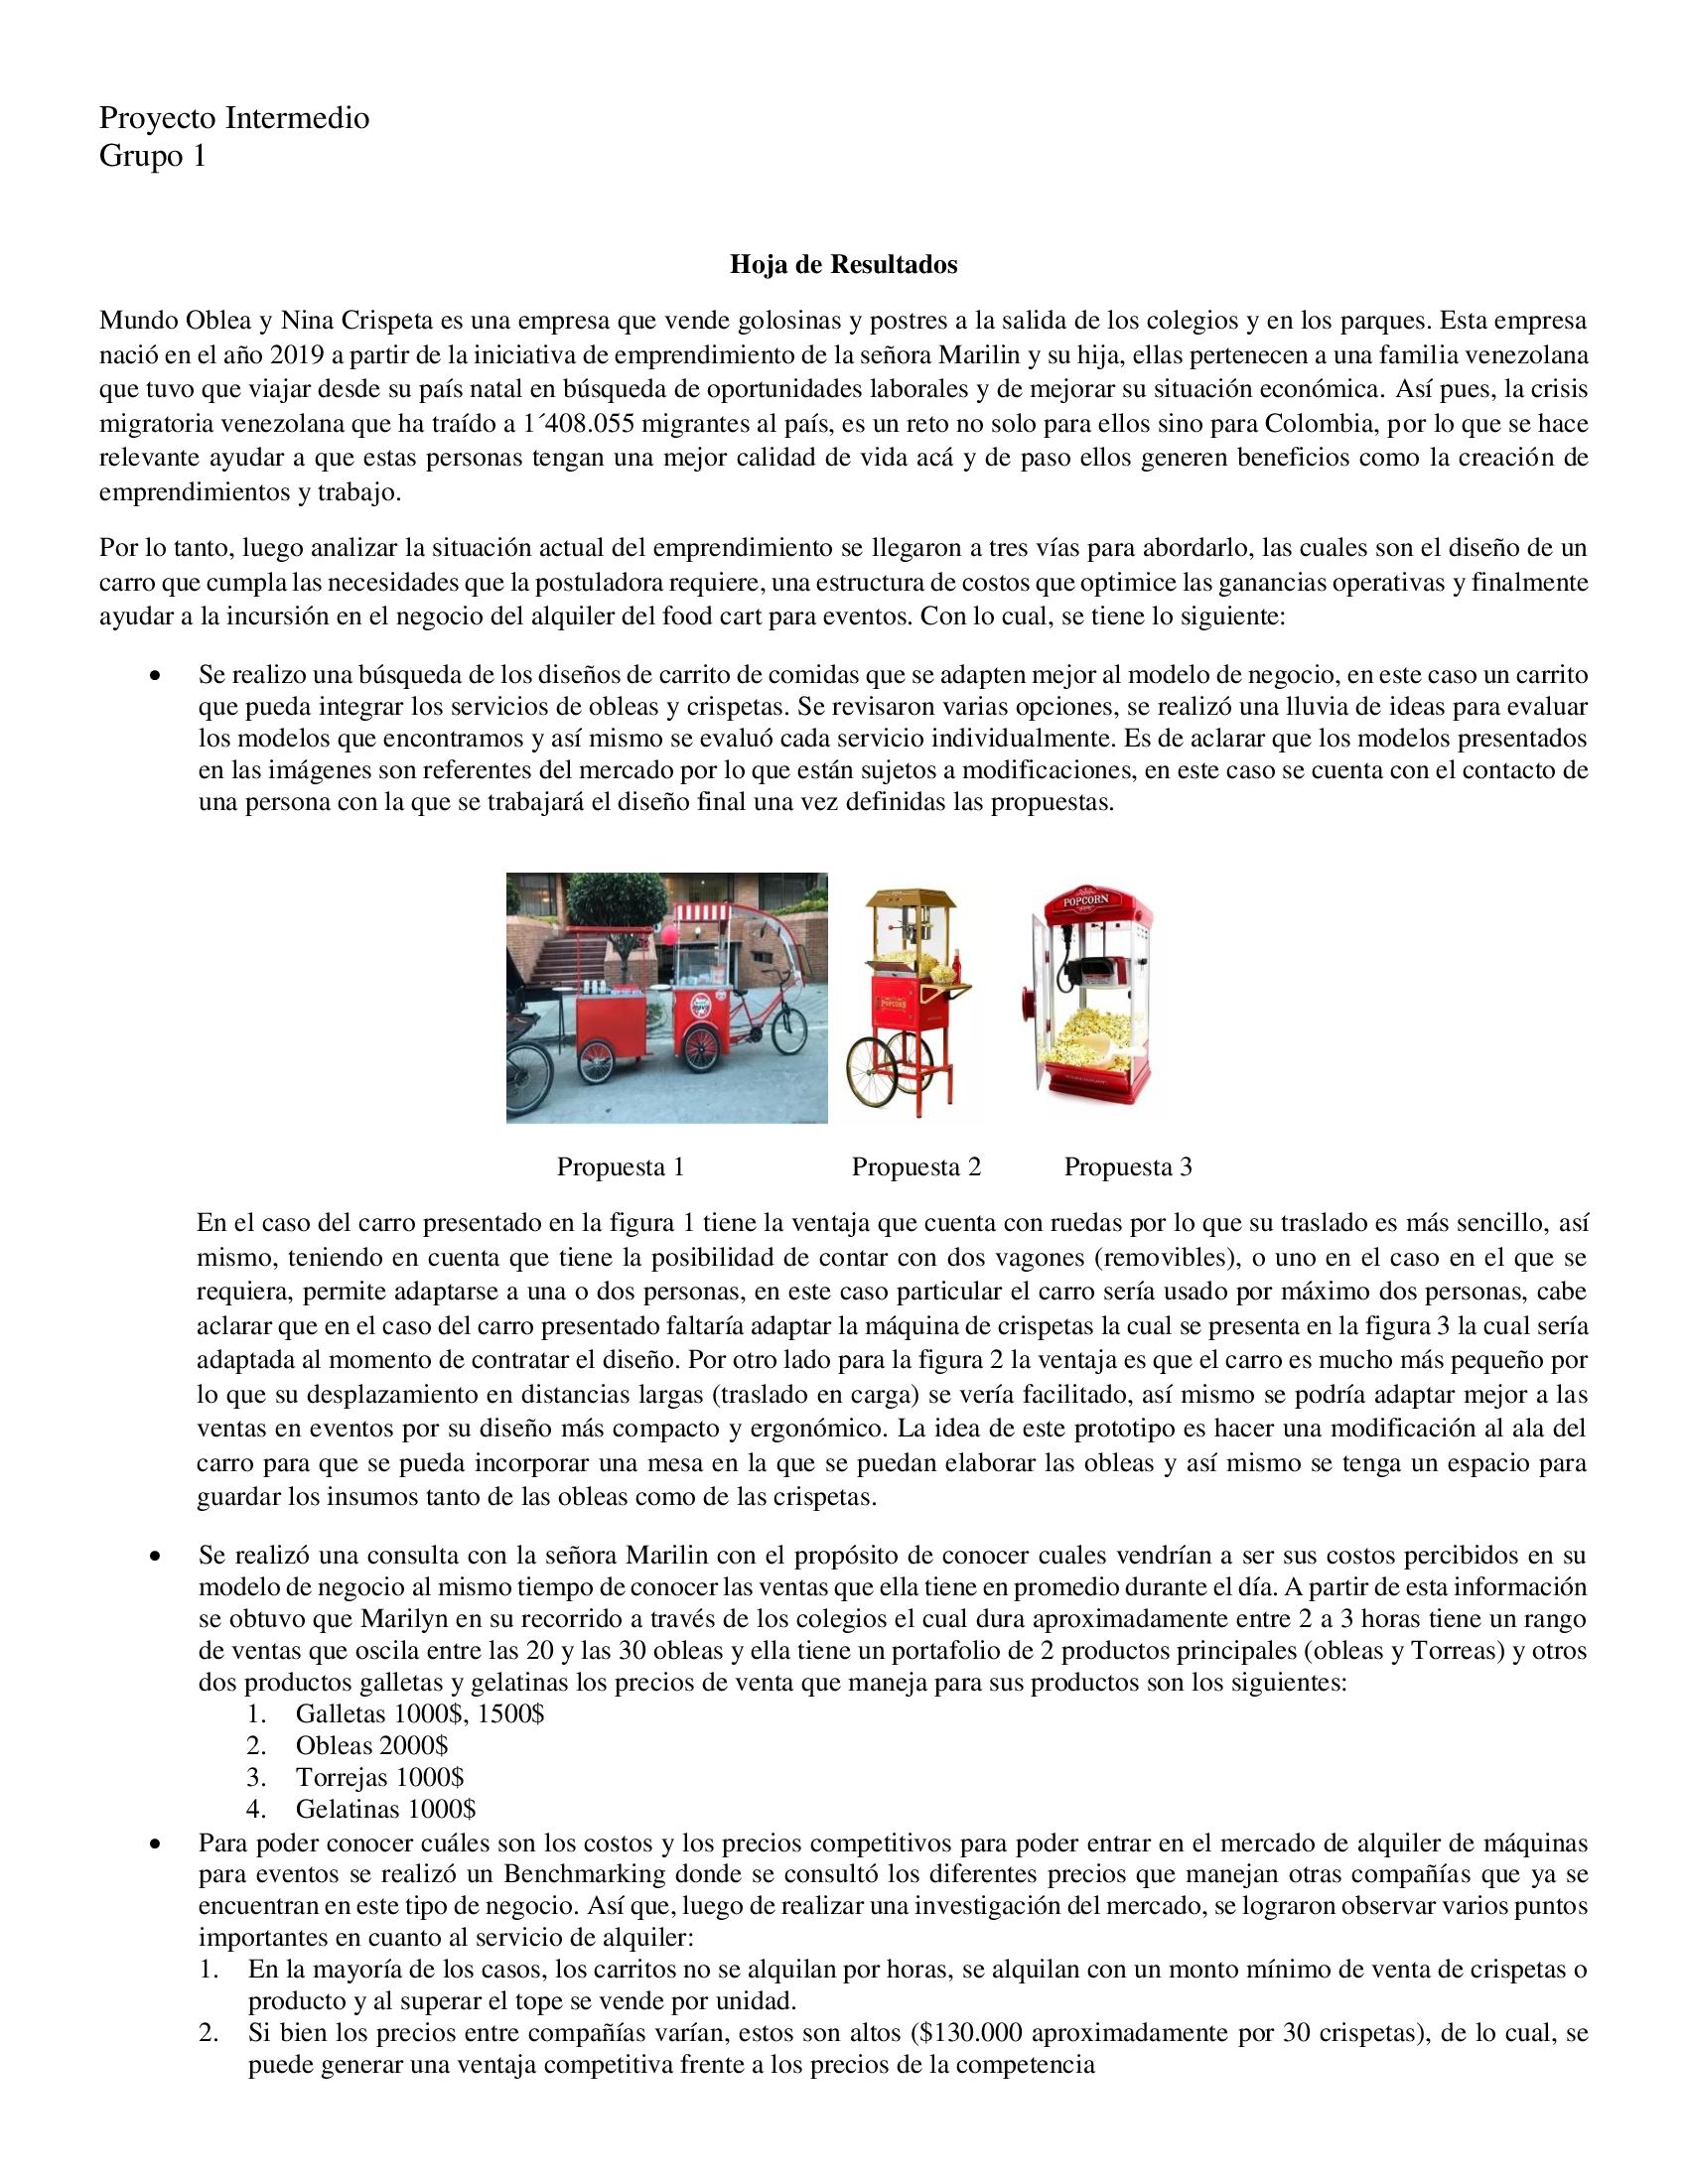 Hoja de resumen Mundo Oblea y Nina Crispeta 2020-I